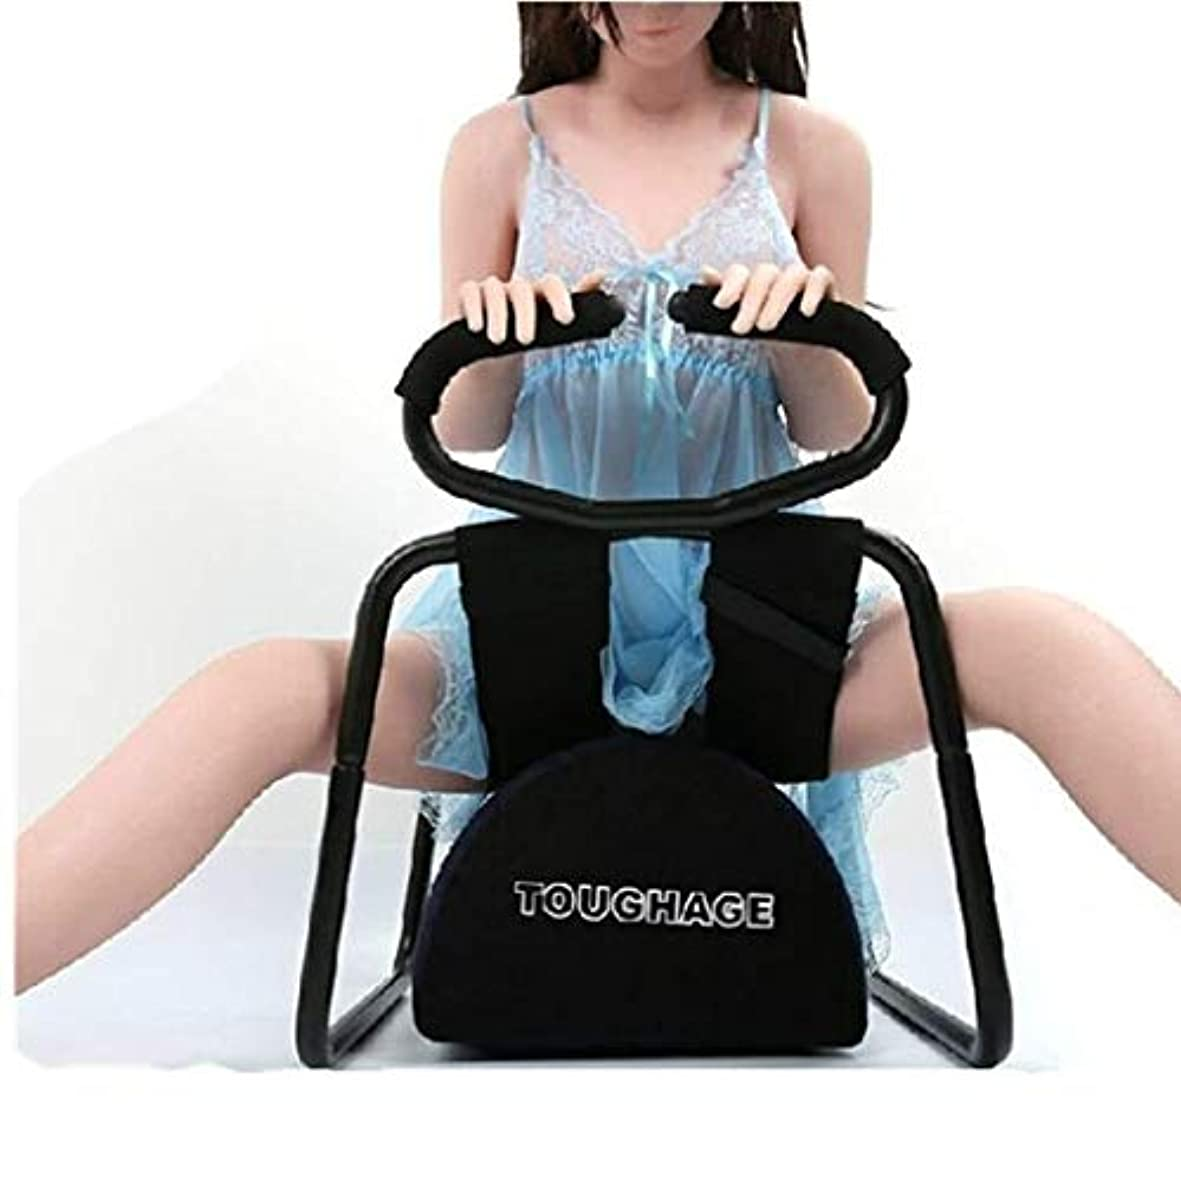 縞模様の故障中詩人Risareyi 多機能椅子、寝室の折りたたみ椅子、浴室の椅子、カップルのためのセクシーな椅子、シリンダー支え枕